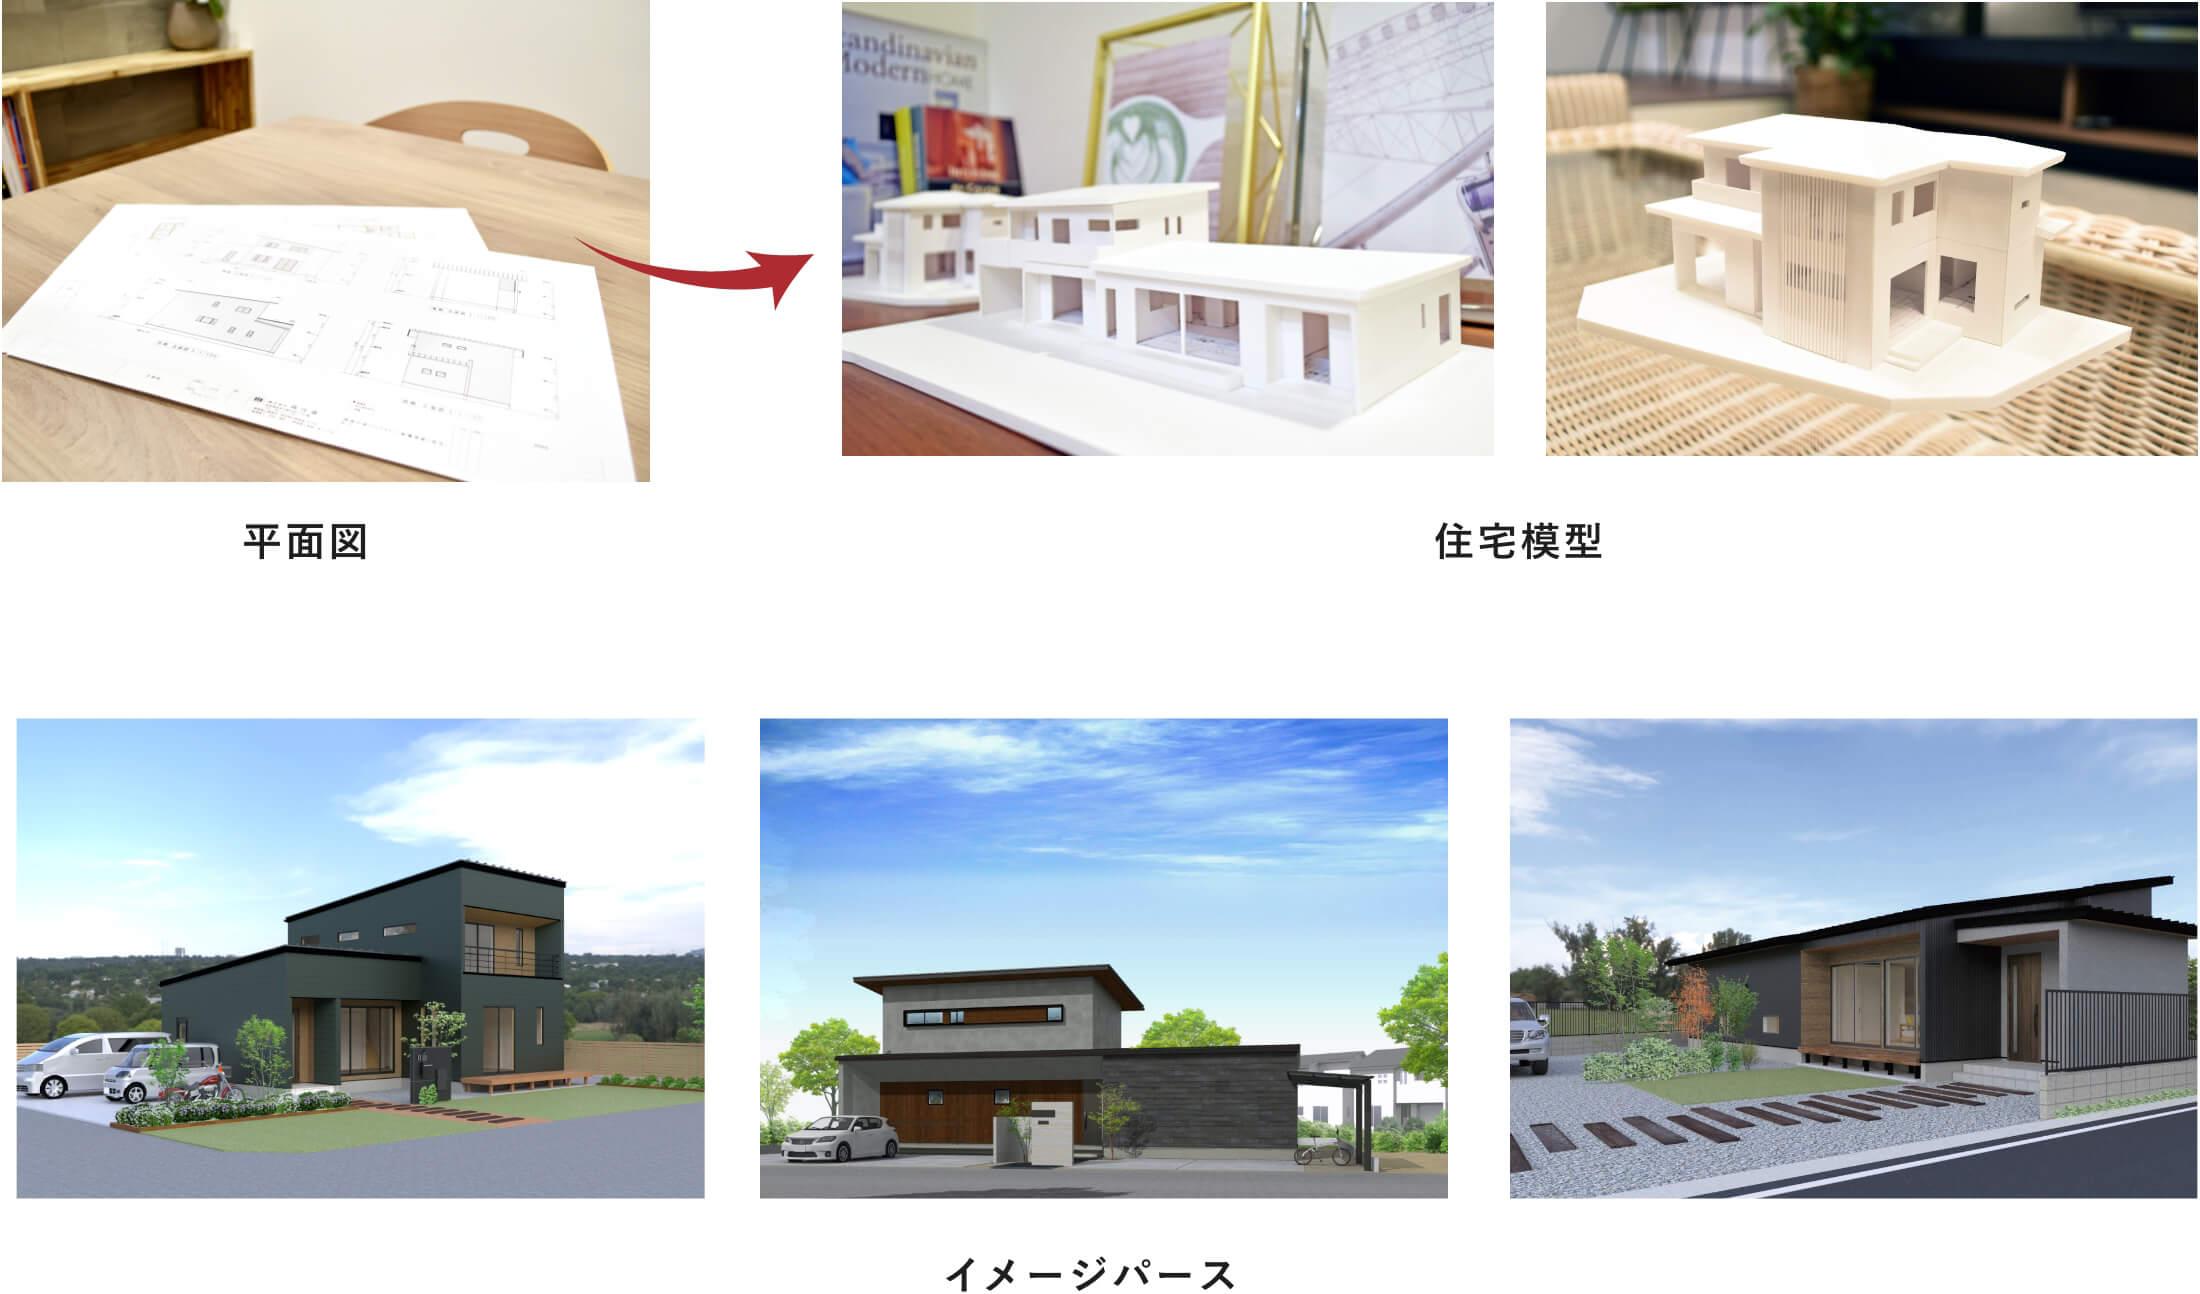 お客様の思い描いているイメージ通りの家がつくれるように、平面図から住宅模型と3DCGでのイメージパースを作成いたします